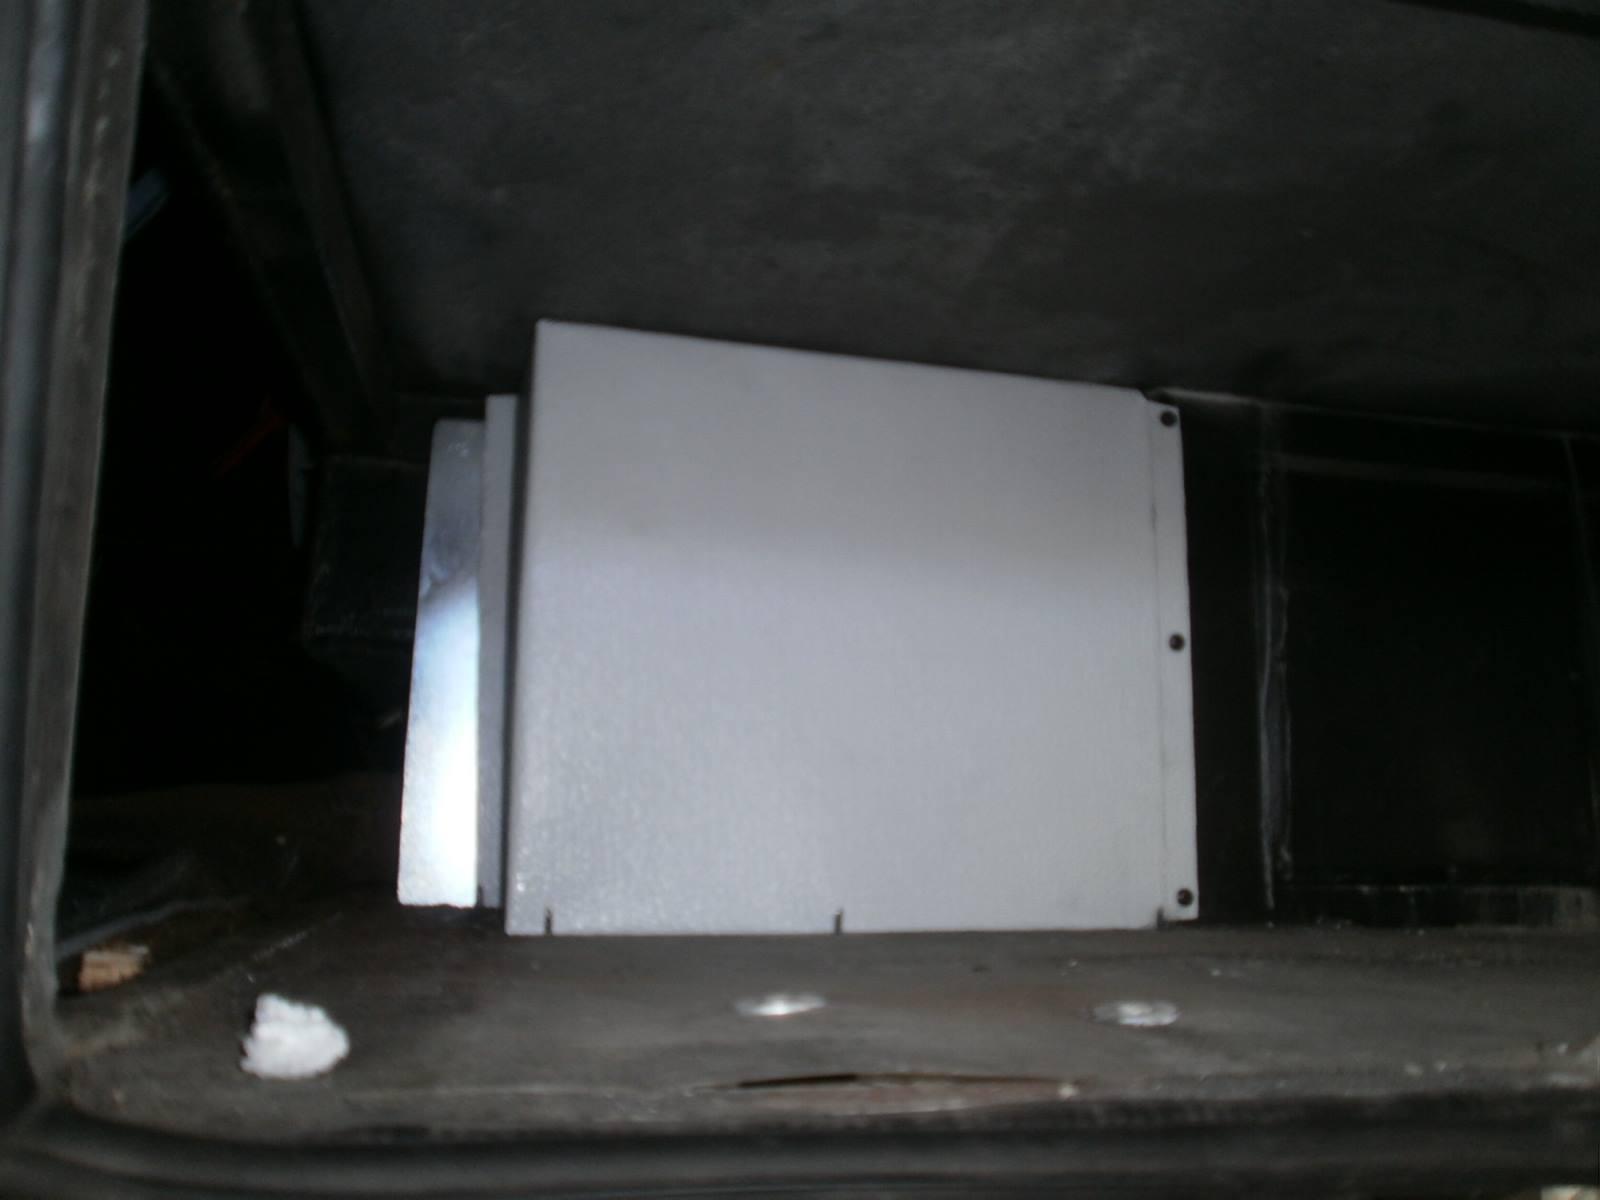 installazione-portamoto-vas17